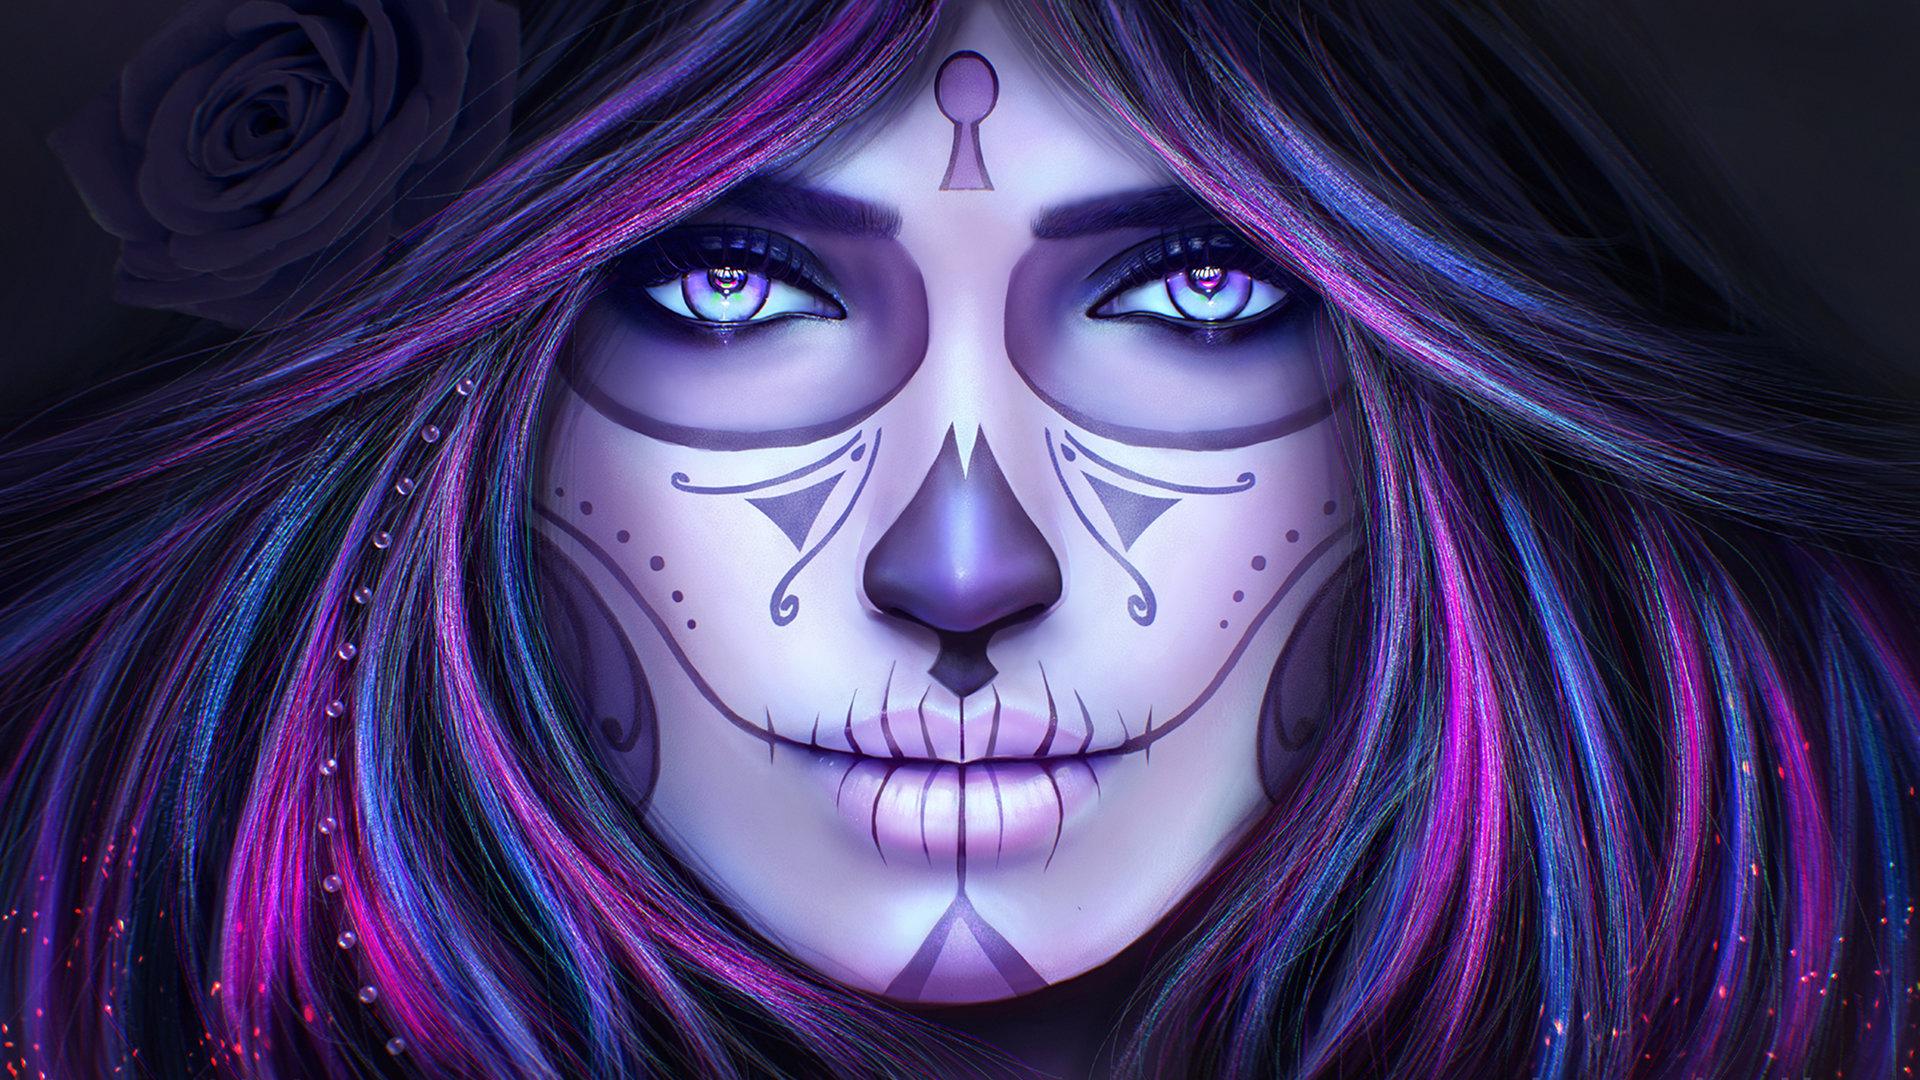 Best Sugar Skull Wallpaper Id 497621 For High Resolution Full Hd